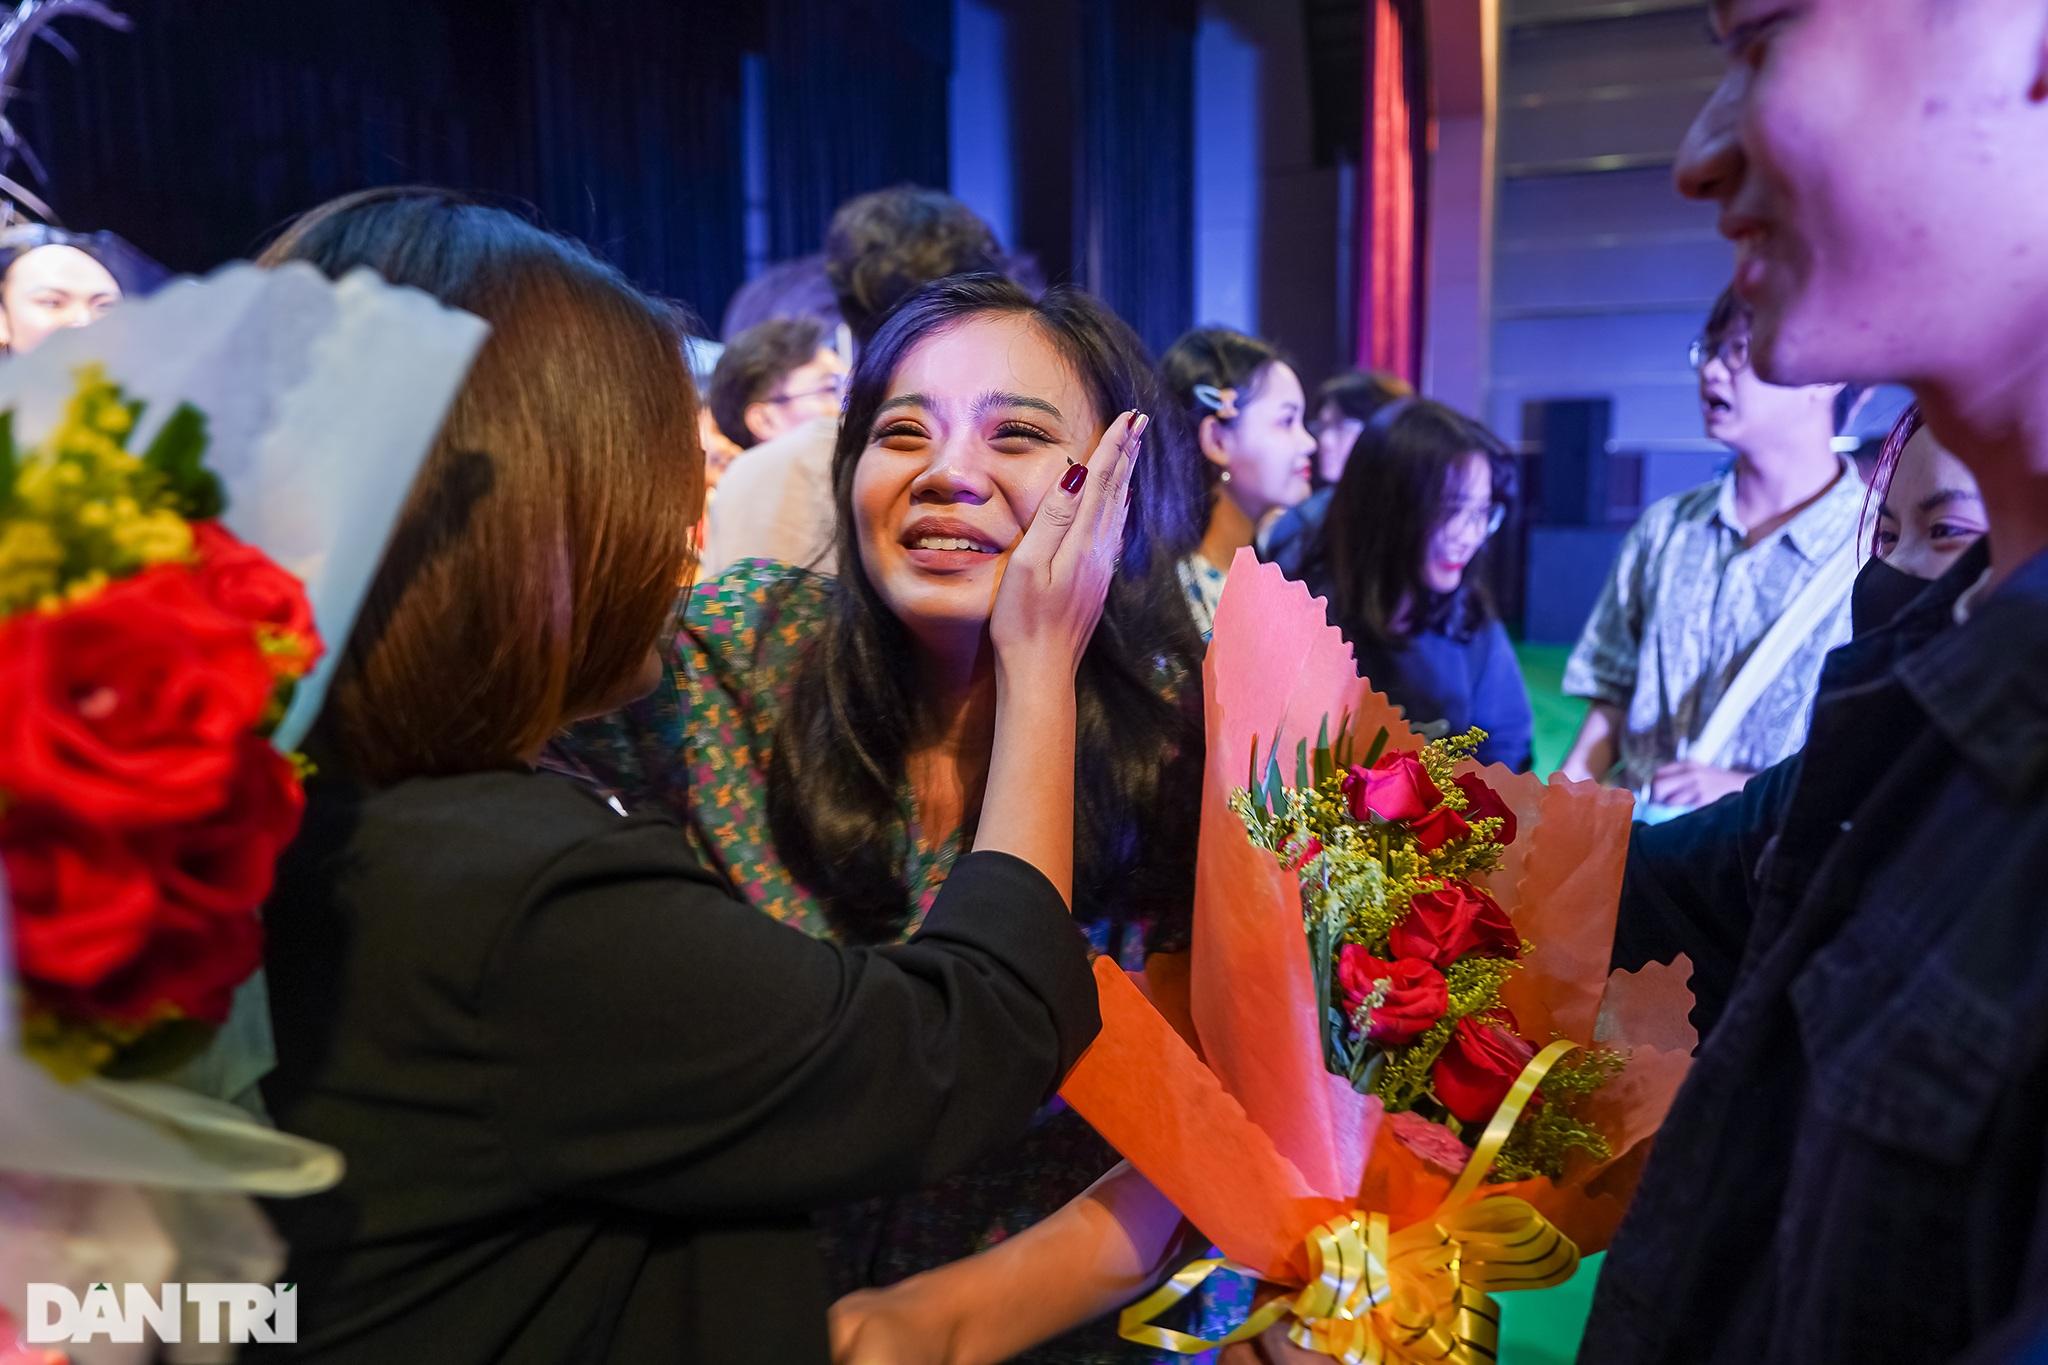 Bất ngờ khoảnh khắc: Khi sinh viên làm kịch chuyên nghiệp - 17